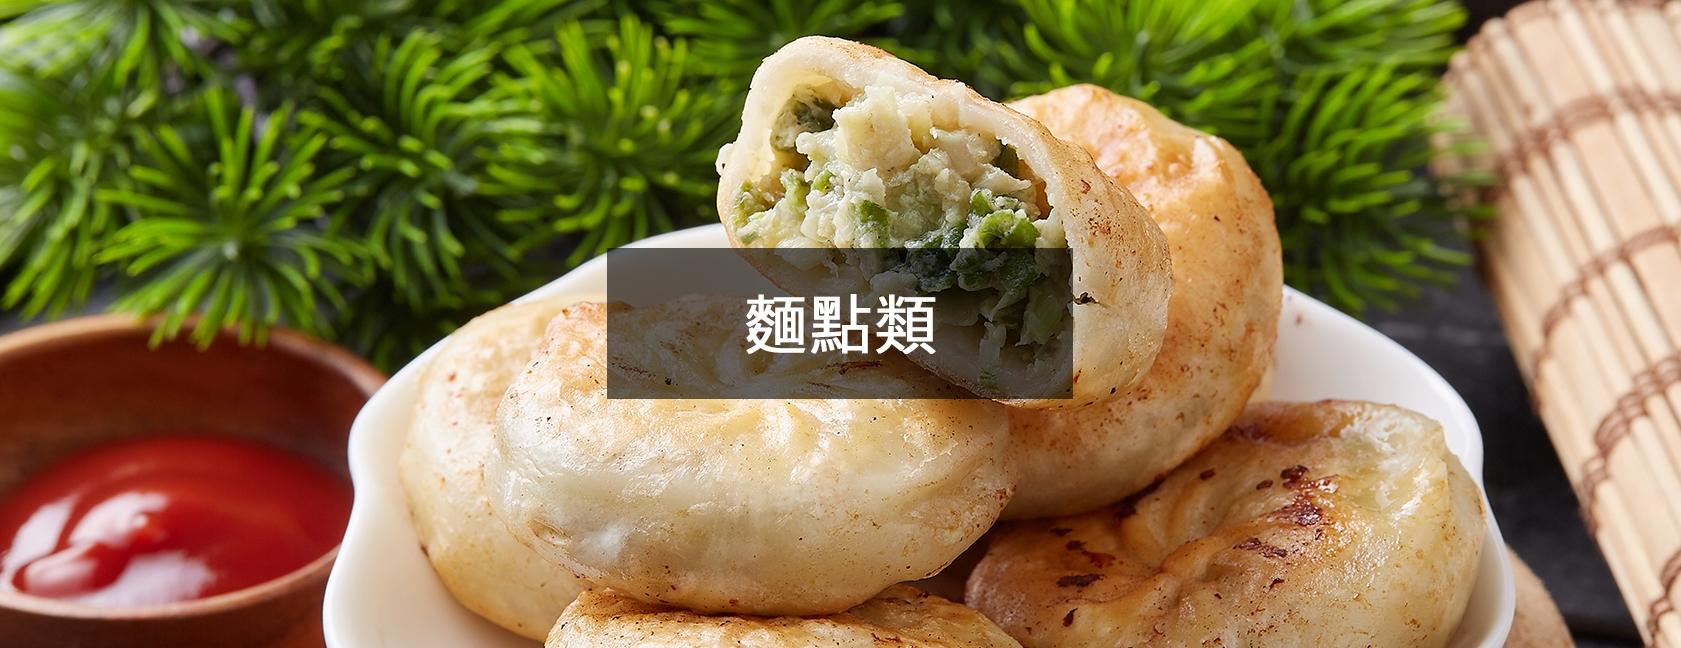 麵點類(包子,饅頭,茶點)